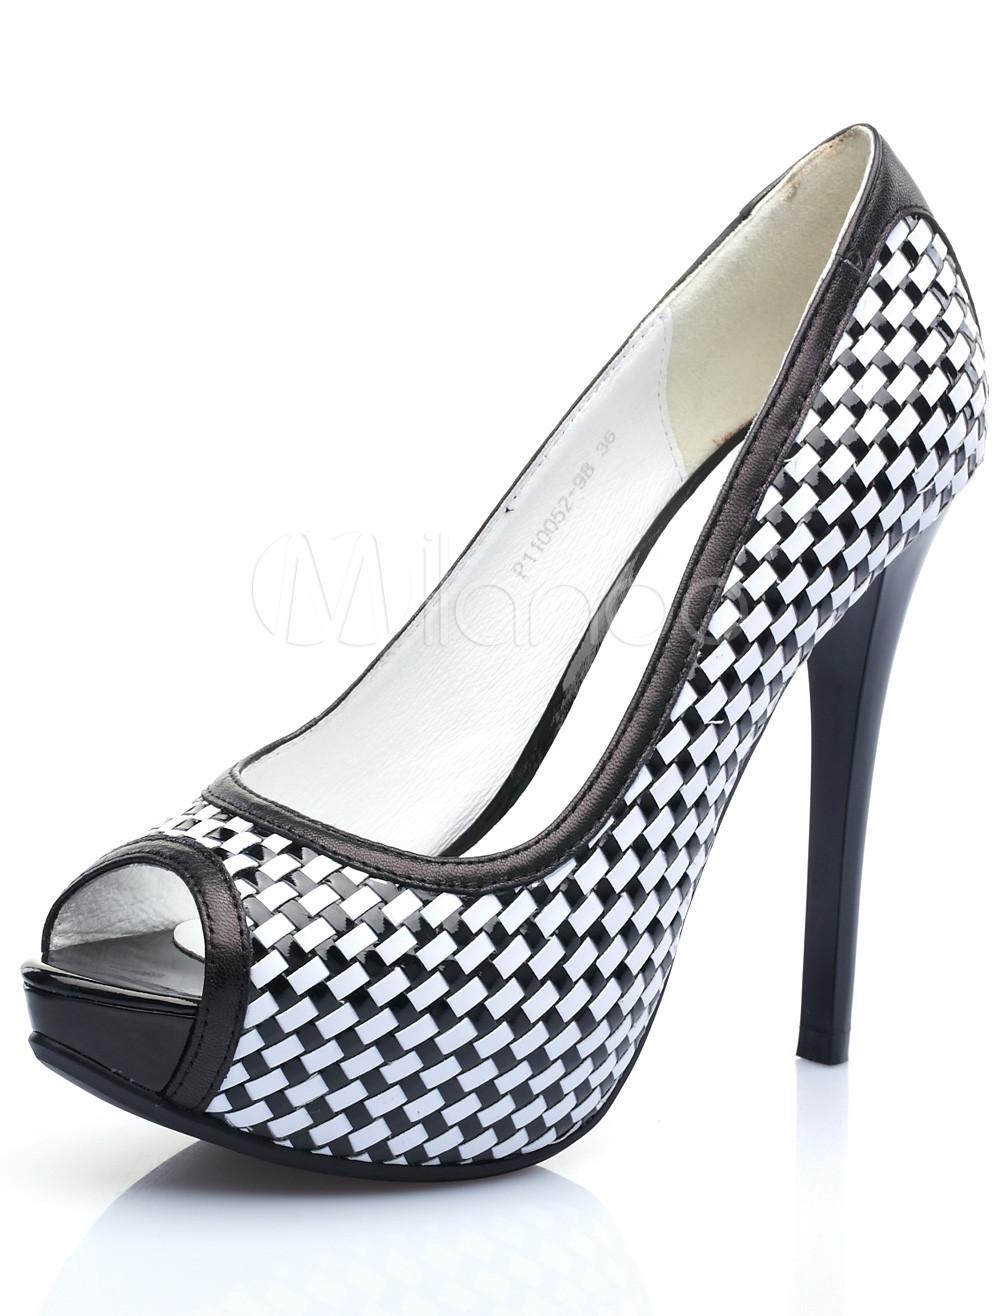 schwarz weiss schafsfell peep zeh 3 39 39 high heel pumps damen. Black Bedroom Furniture Sets. Home Design Ideas